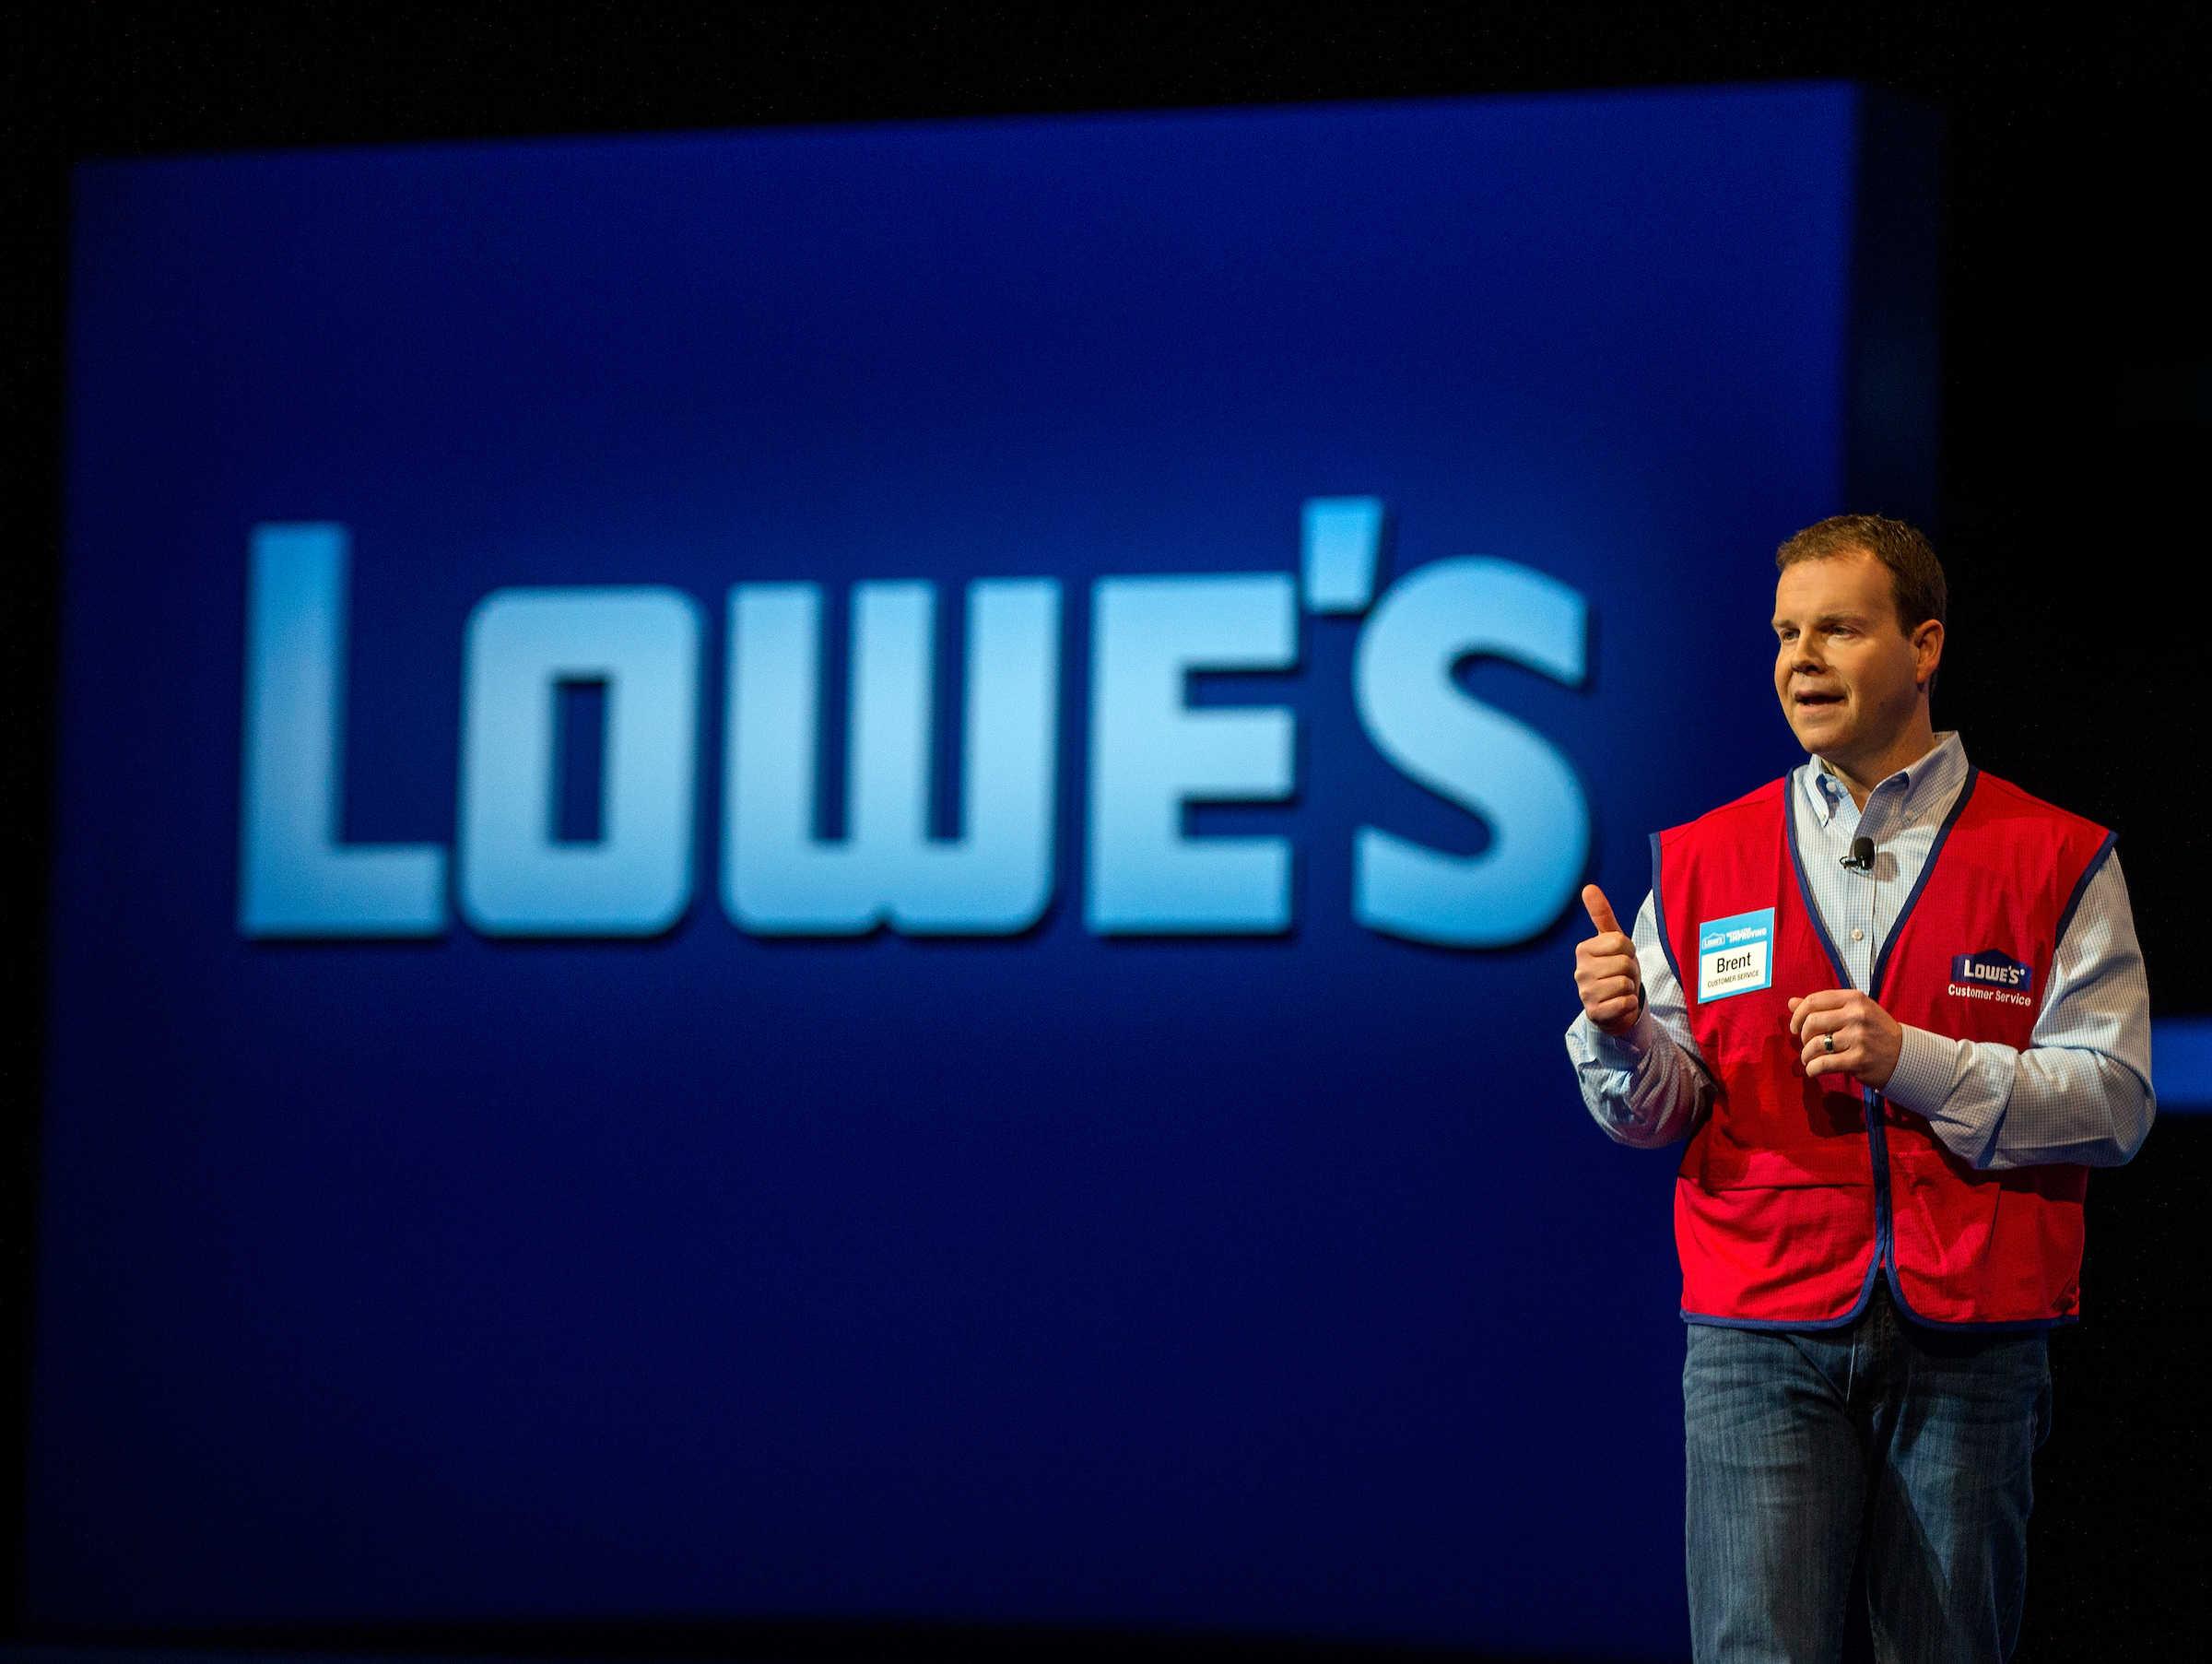 Lowe's employee speaking